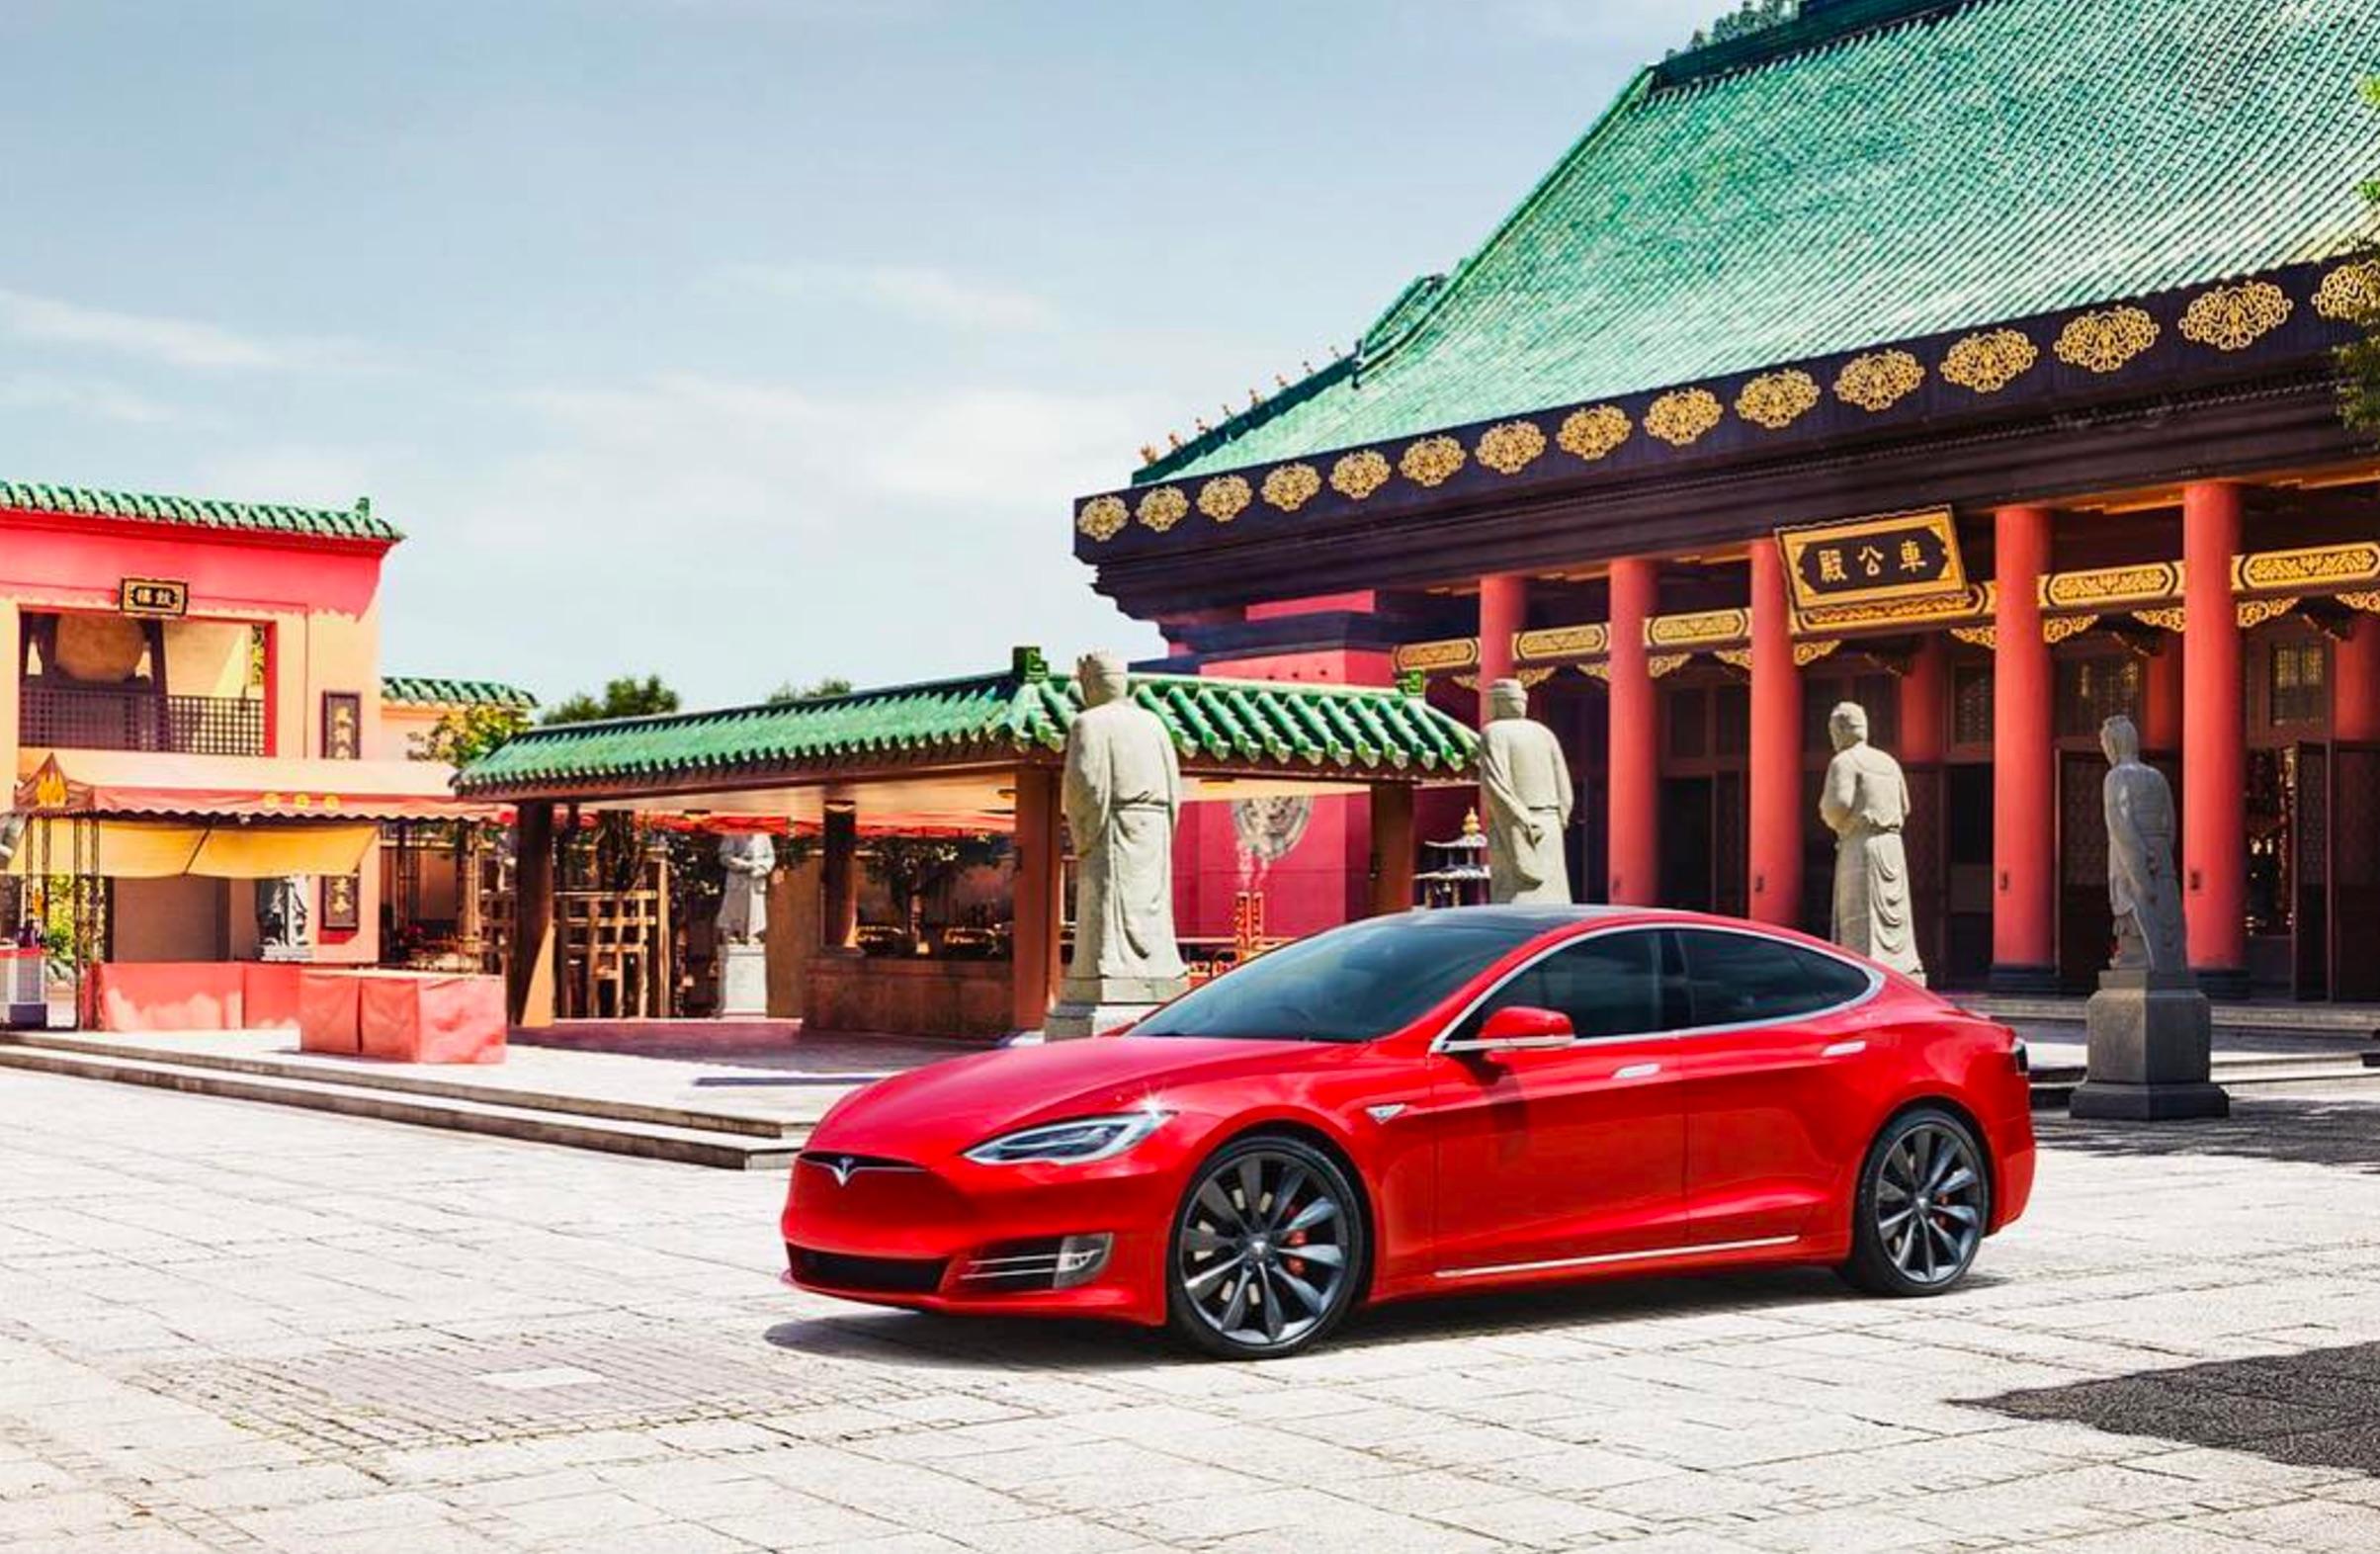 По мнению Илона Маска, Китай будет крупнейшим рынком для Tesla